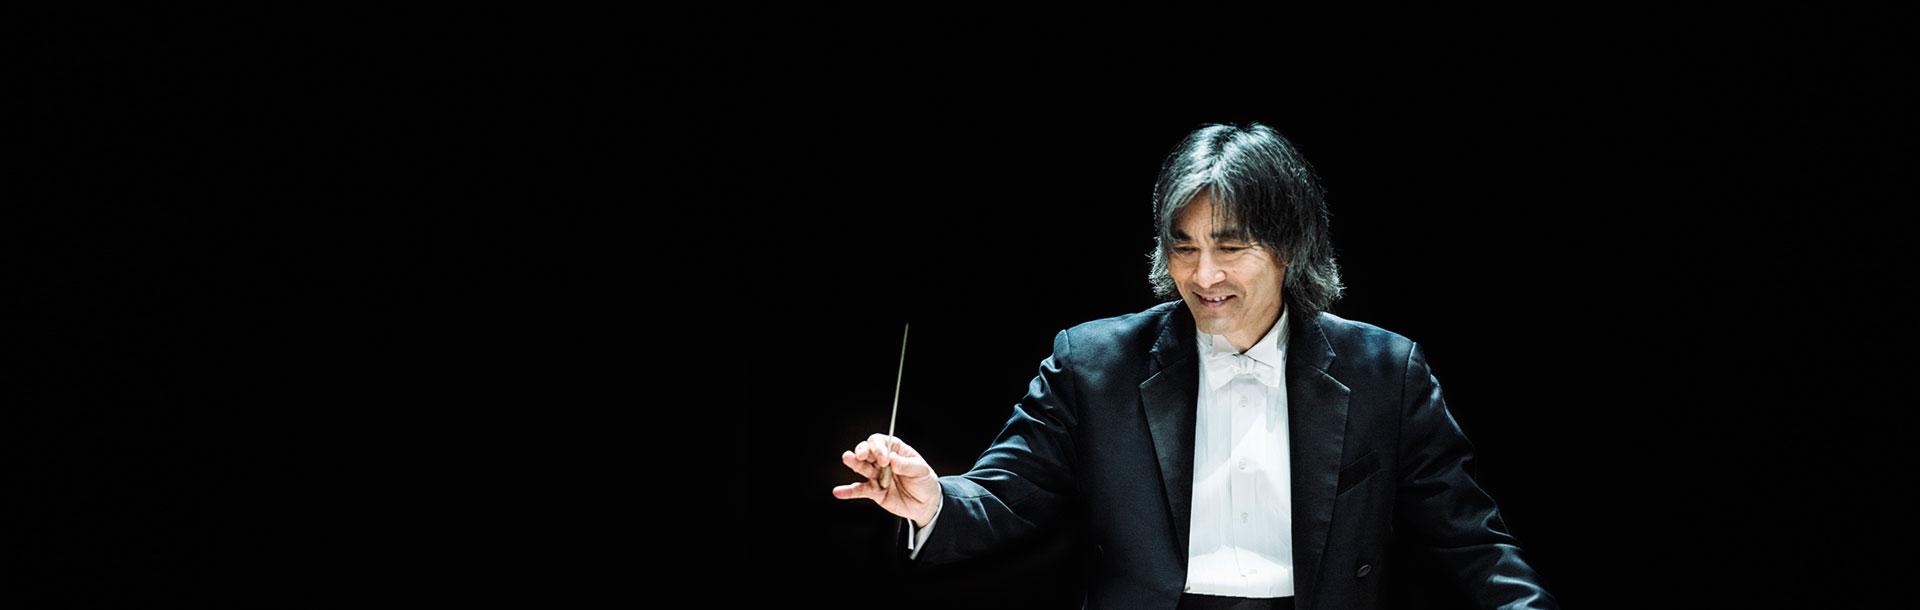 symphonie_montrealaise_orchestre_symphonique_de_montreal_1920_610